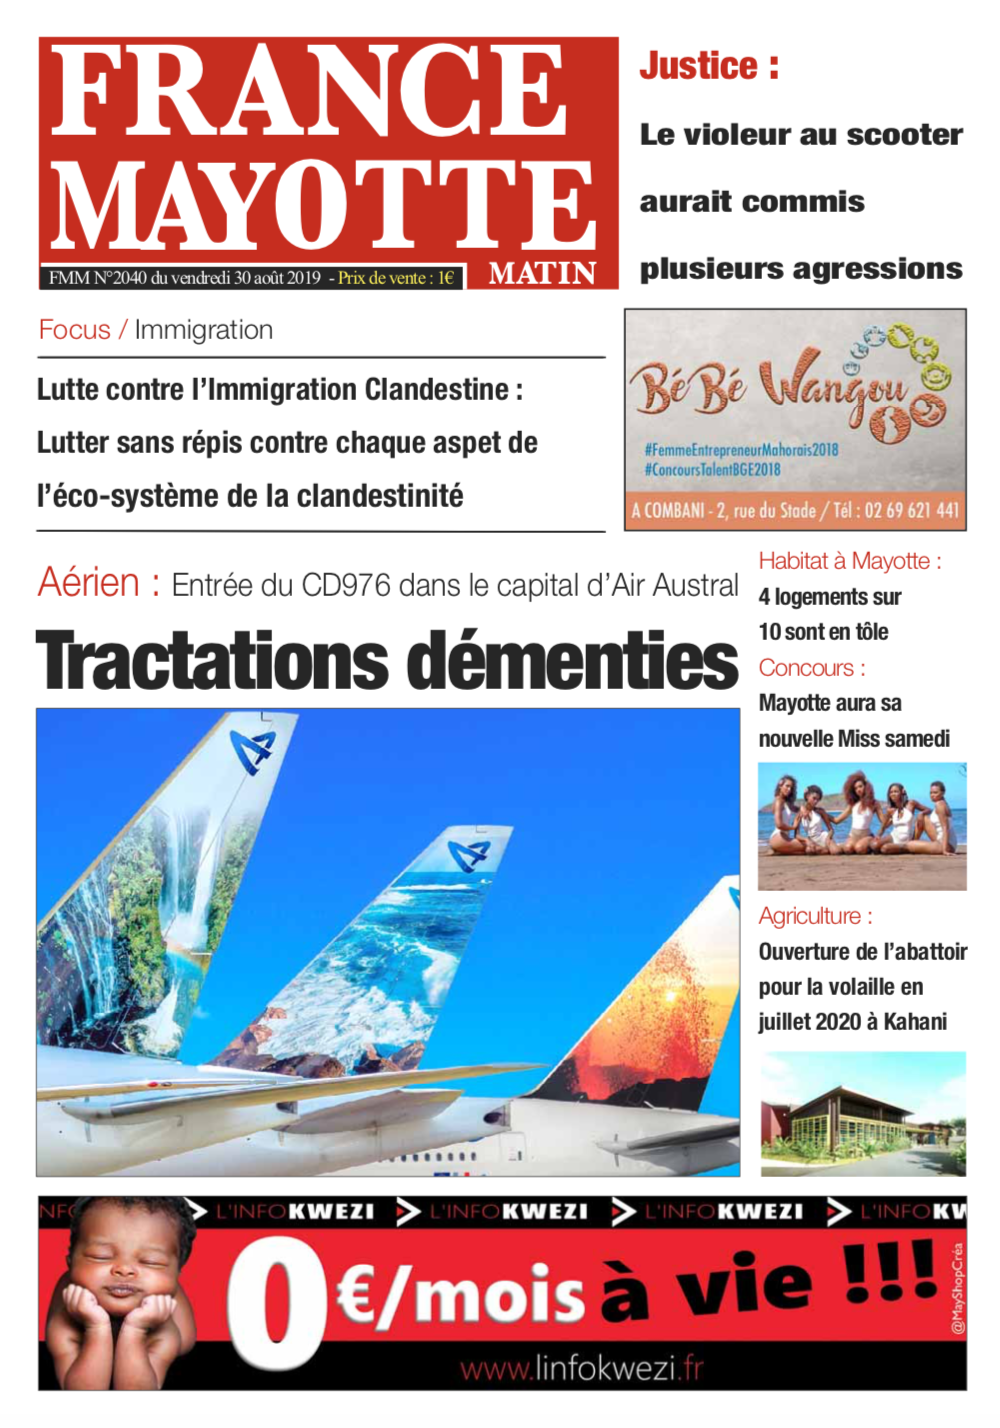 France Mayotte Vendredi 30 août 2019